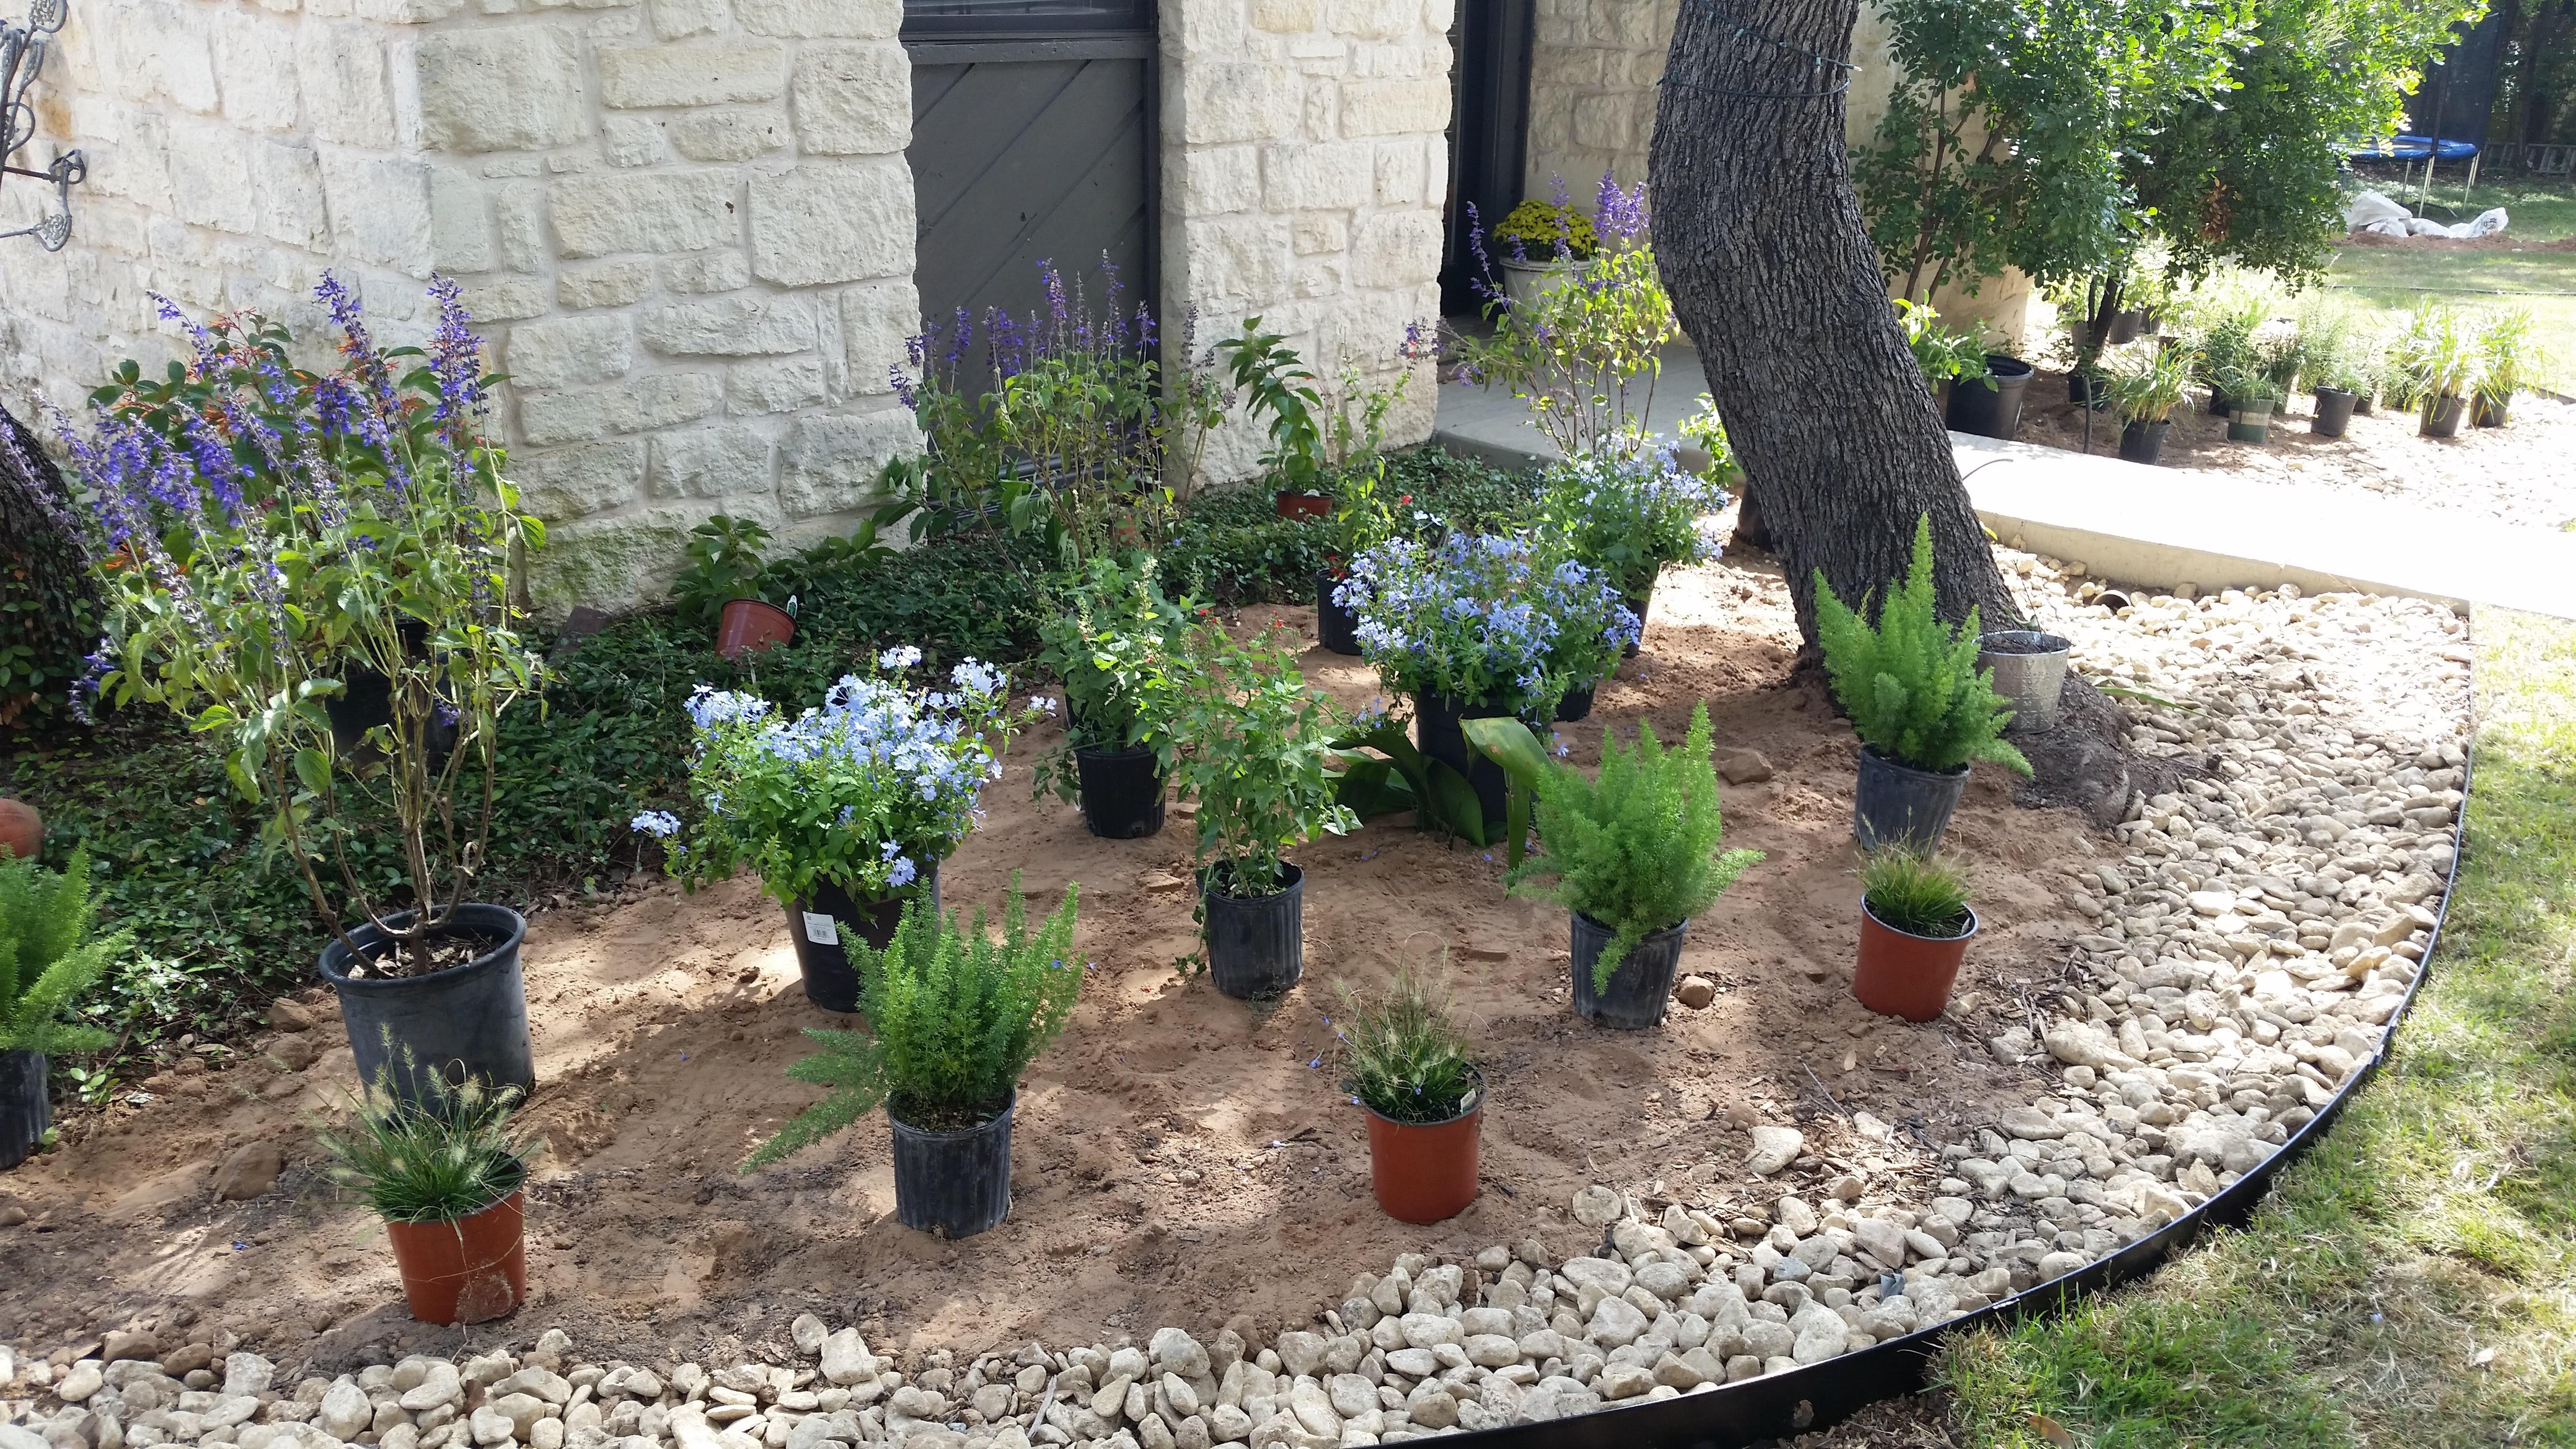 Lisa Landscape Design Austin Tx: How Do I Fix An Overgrown Bed?